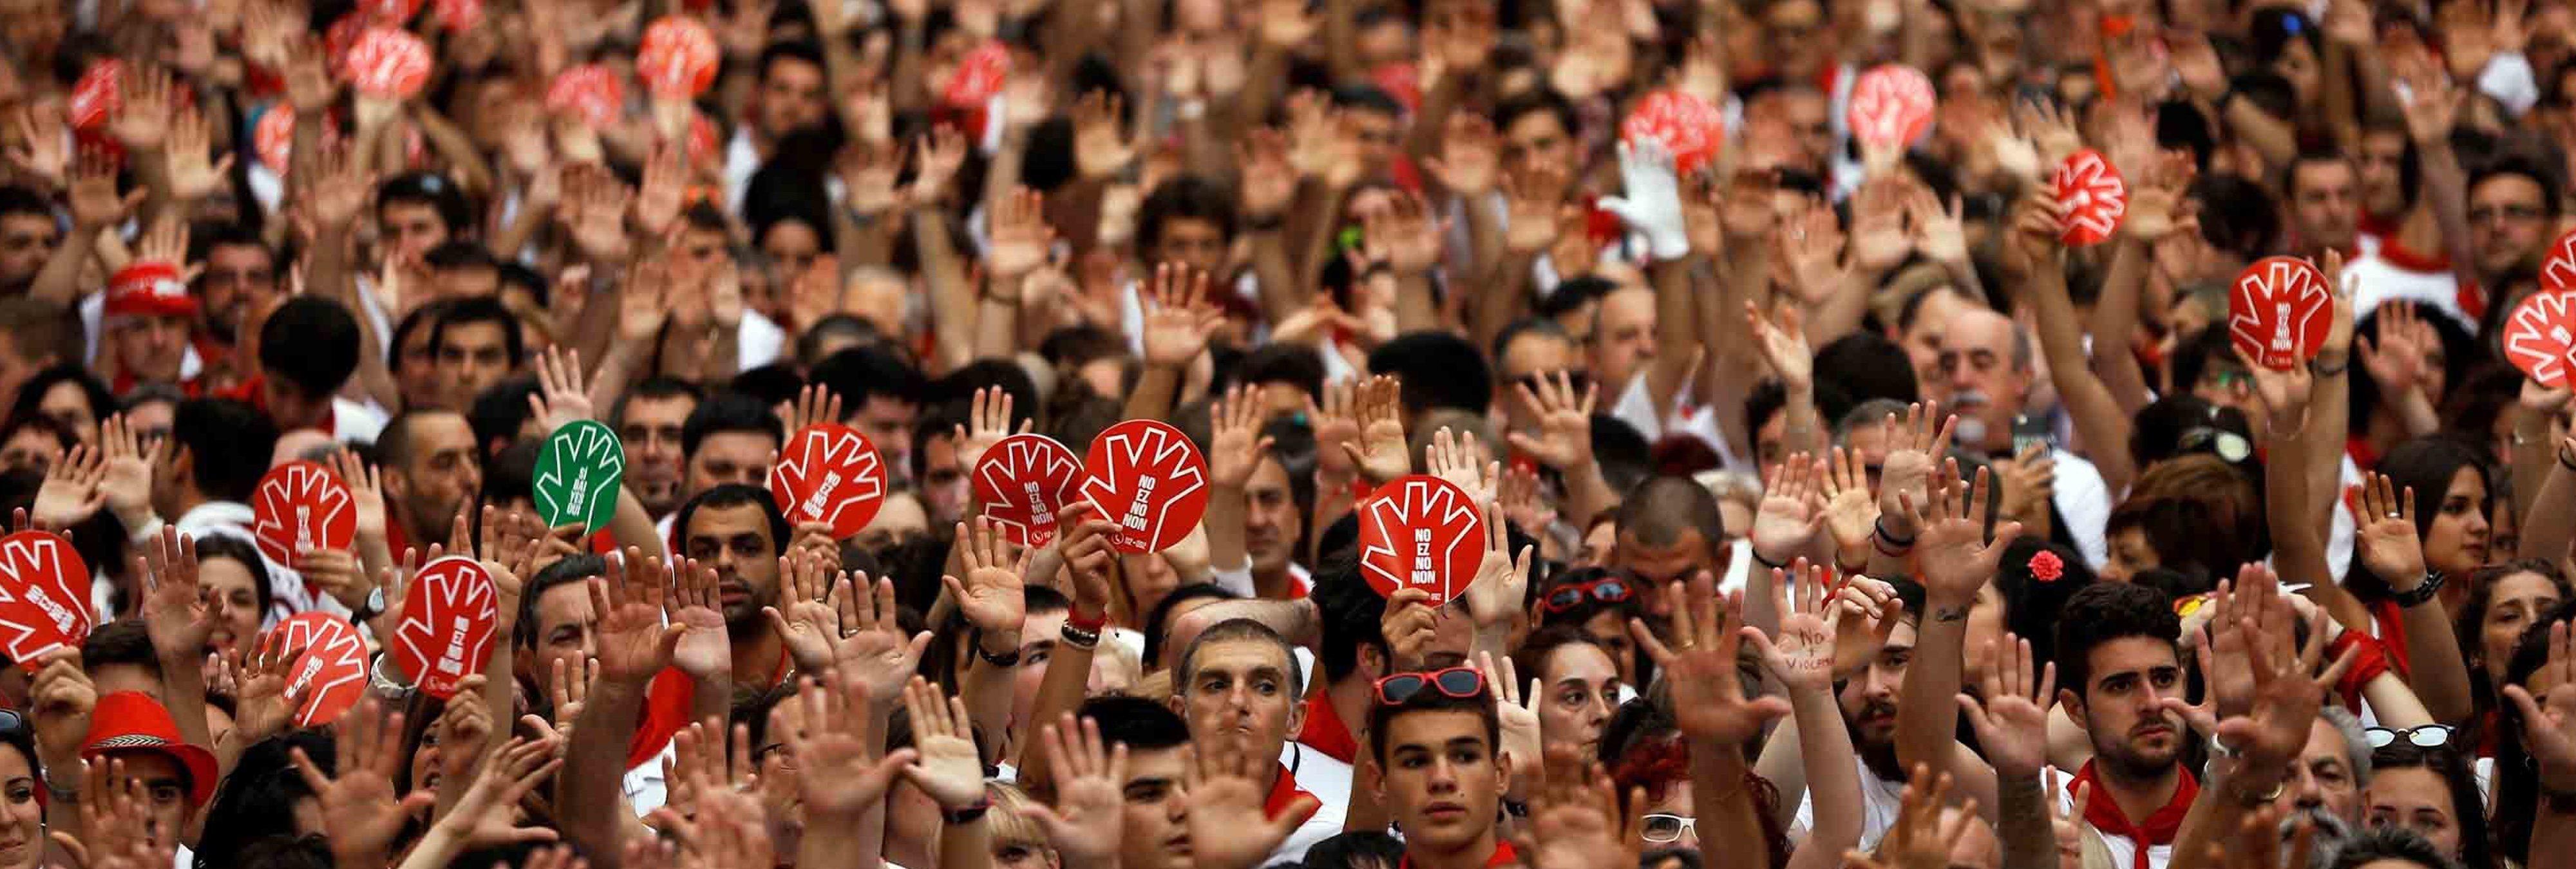 Sanfermines: La Policía Foral de Pamplona confisca chapas con graves mensajes machistas